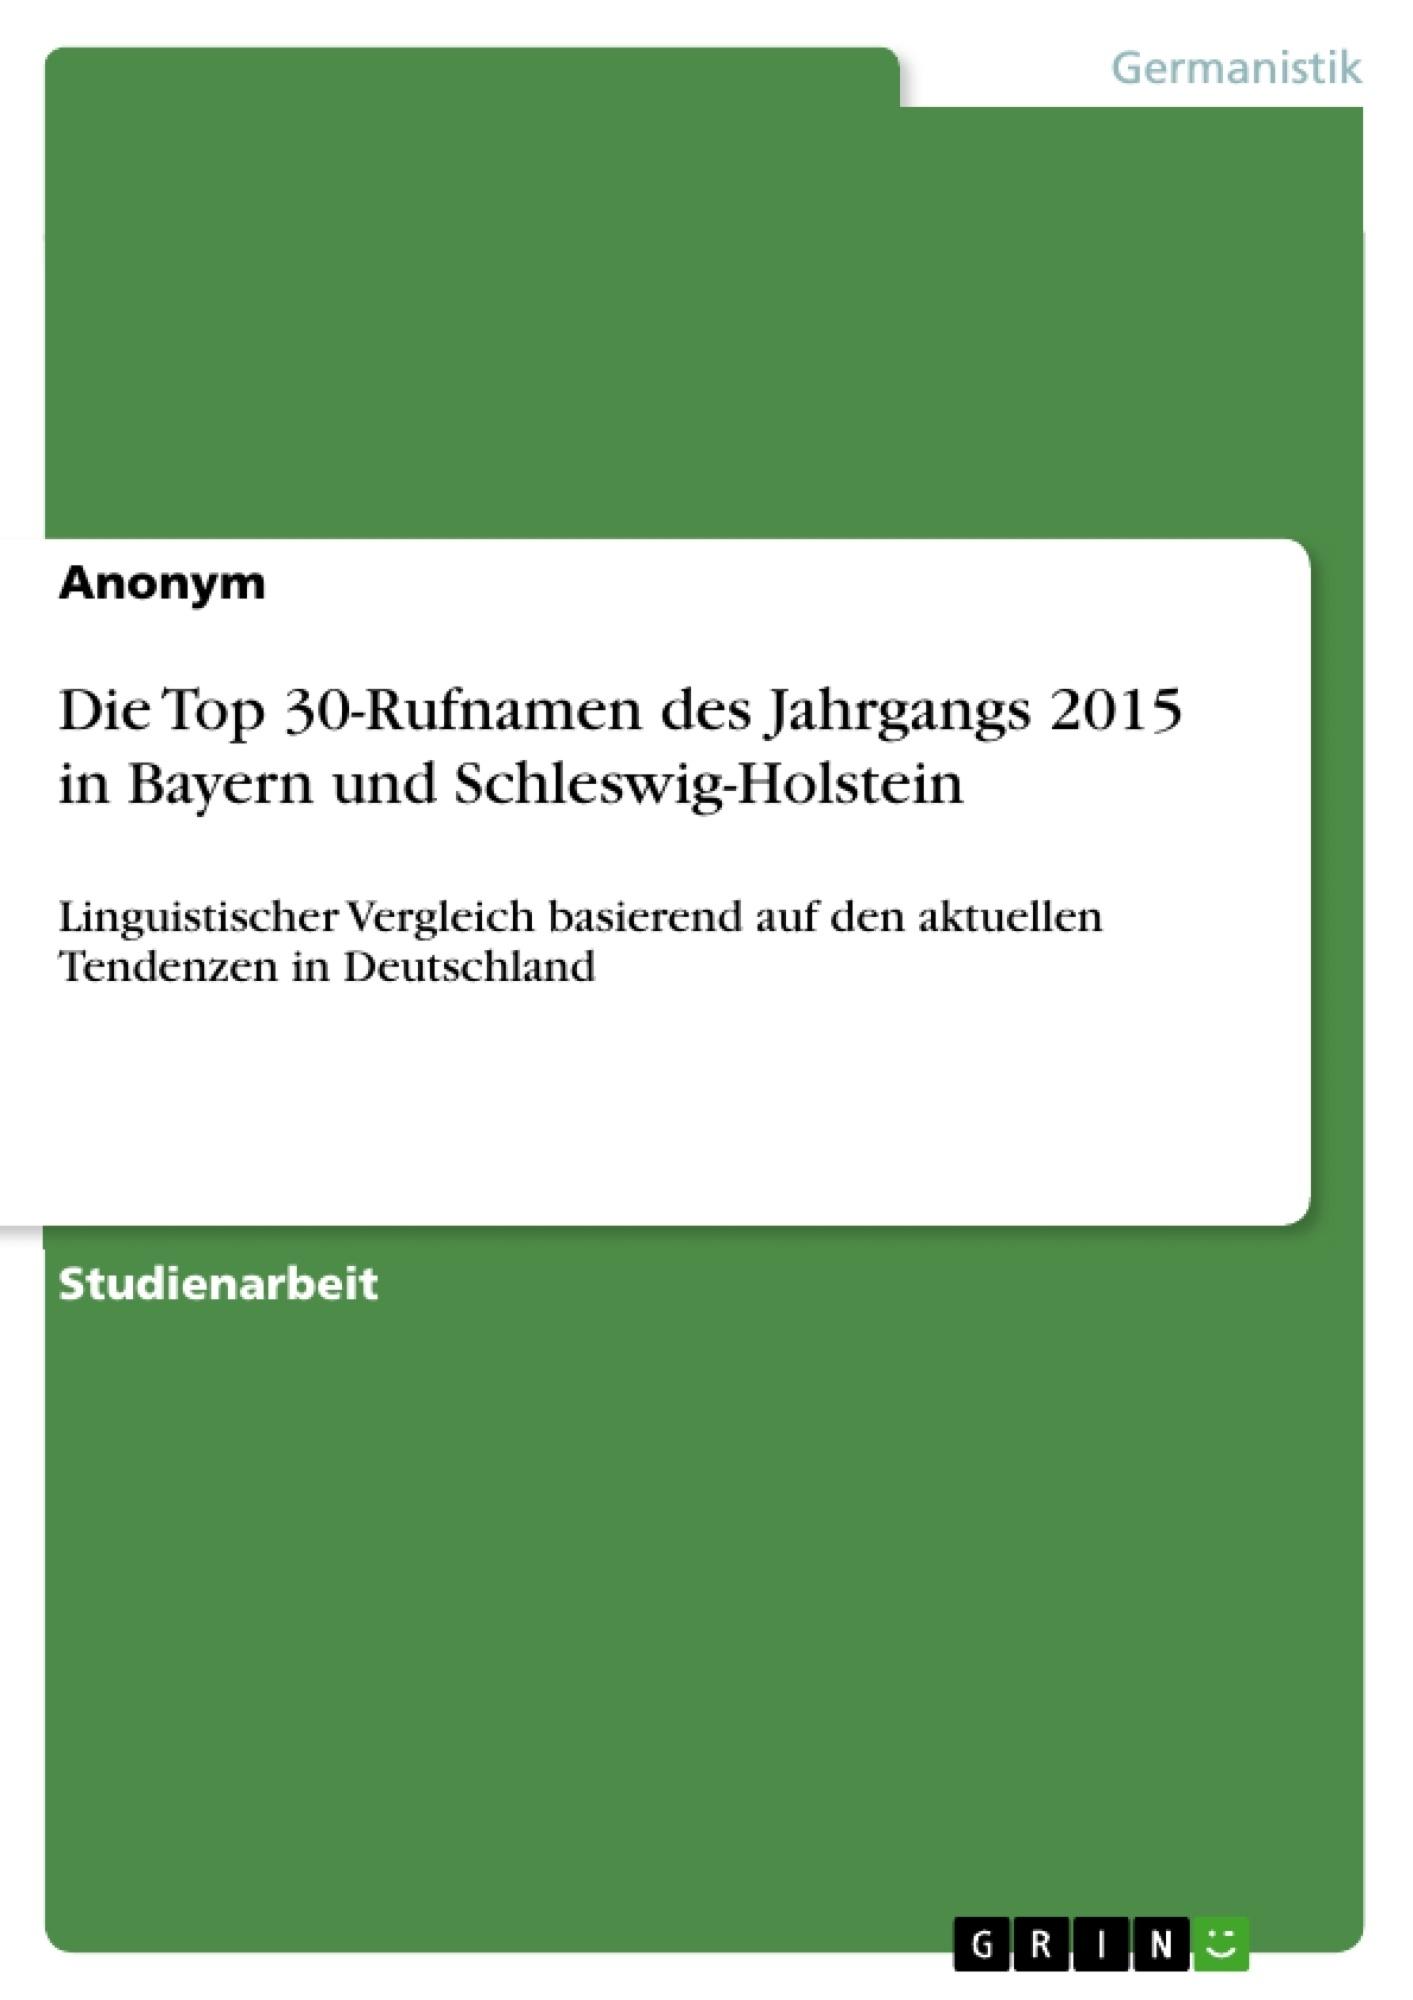 Titel: Die Top 30-Rufnamen des Jahrgangs 2015 in Bayern und Schleswig-Holstein